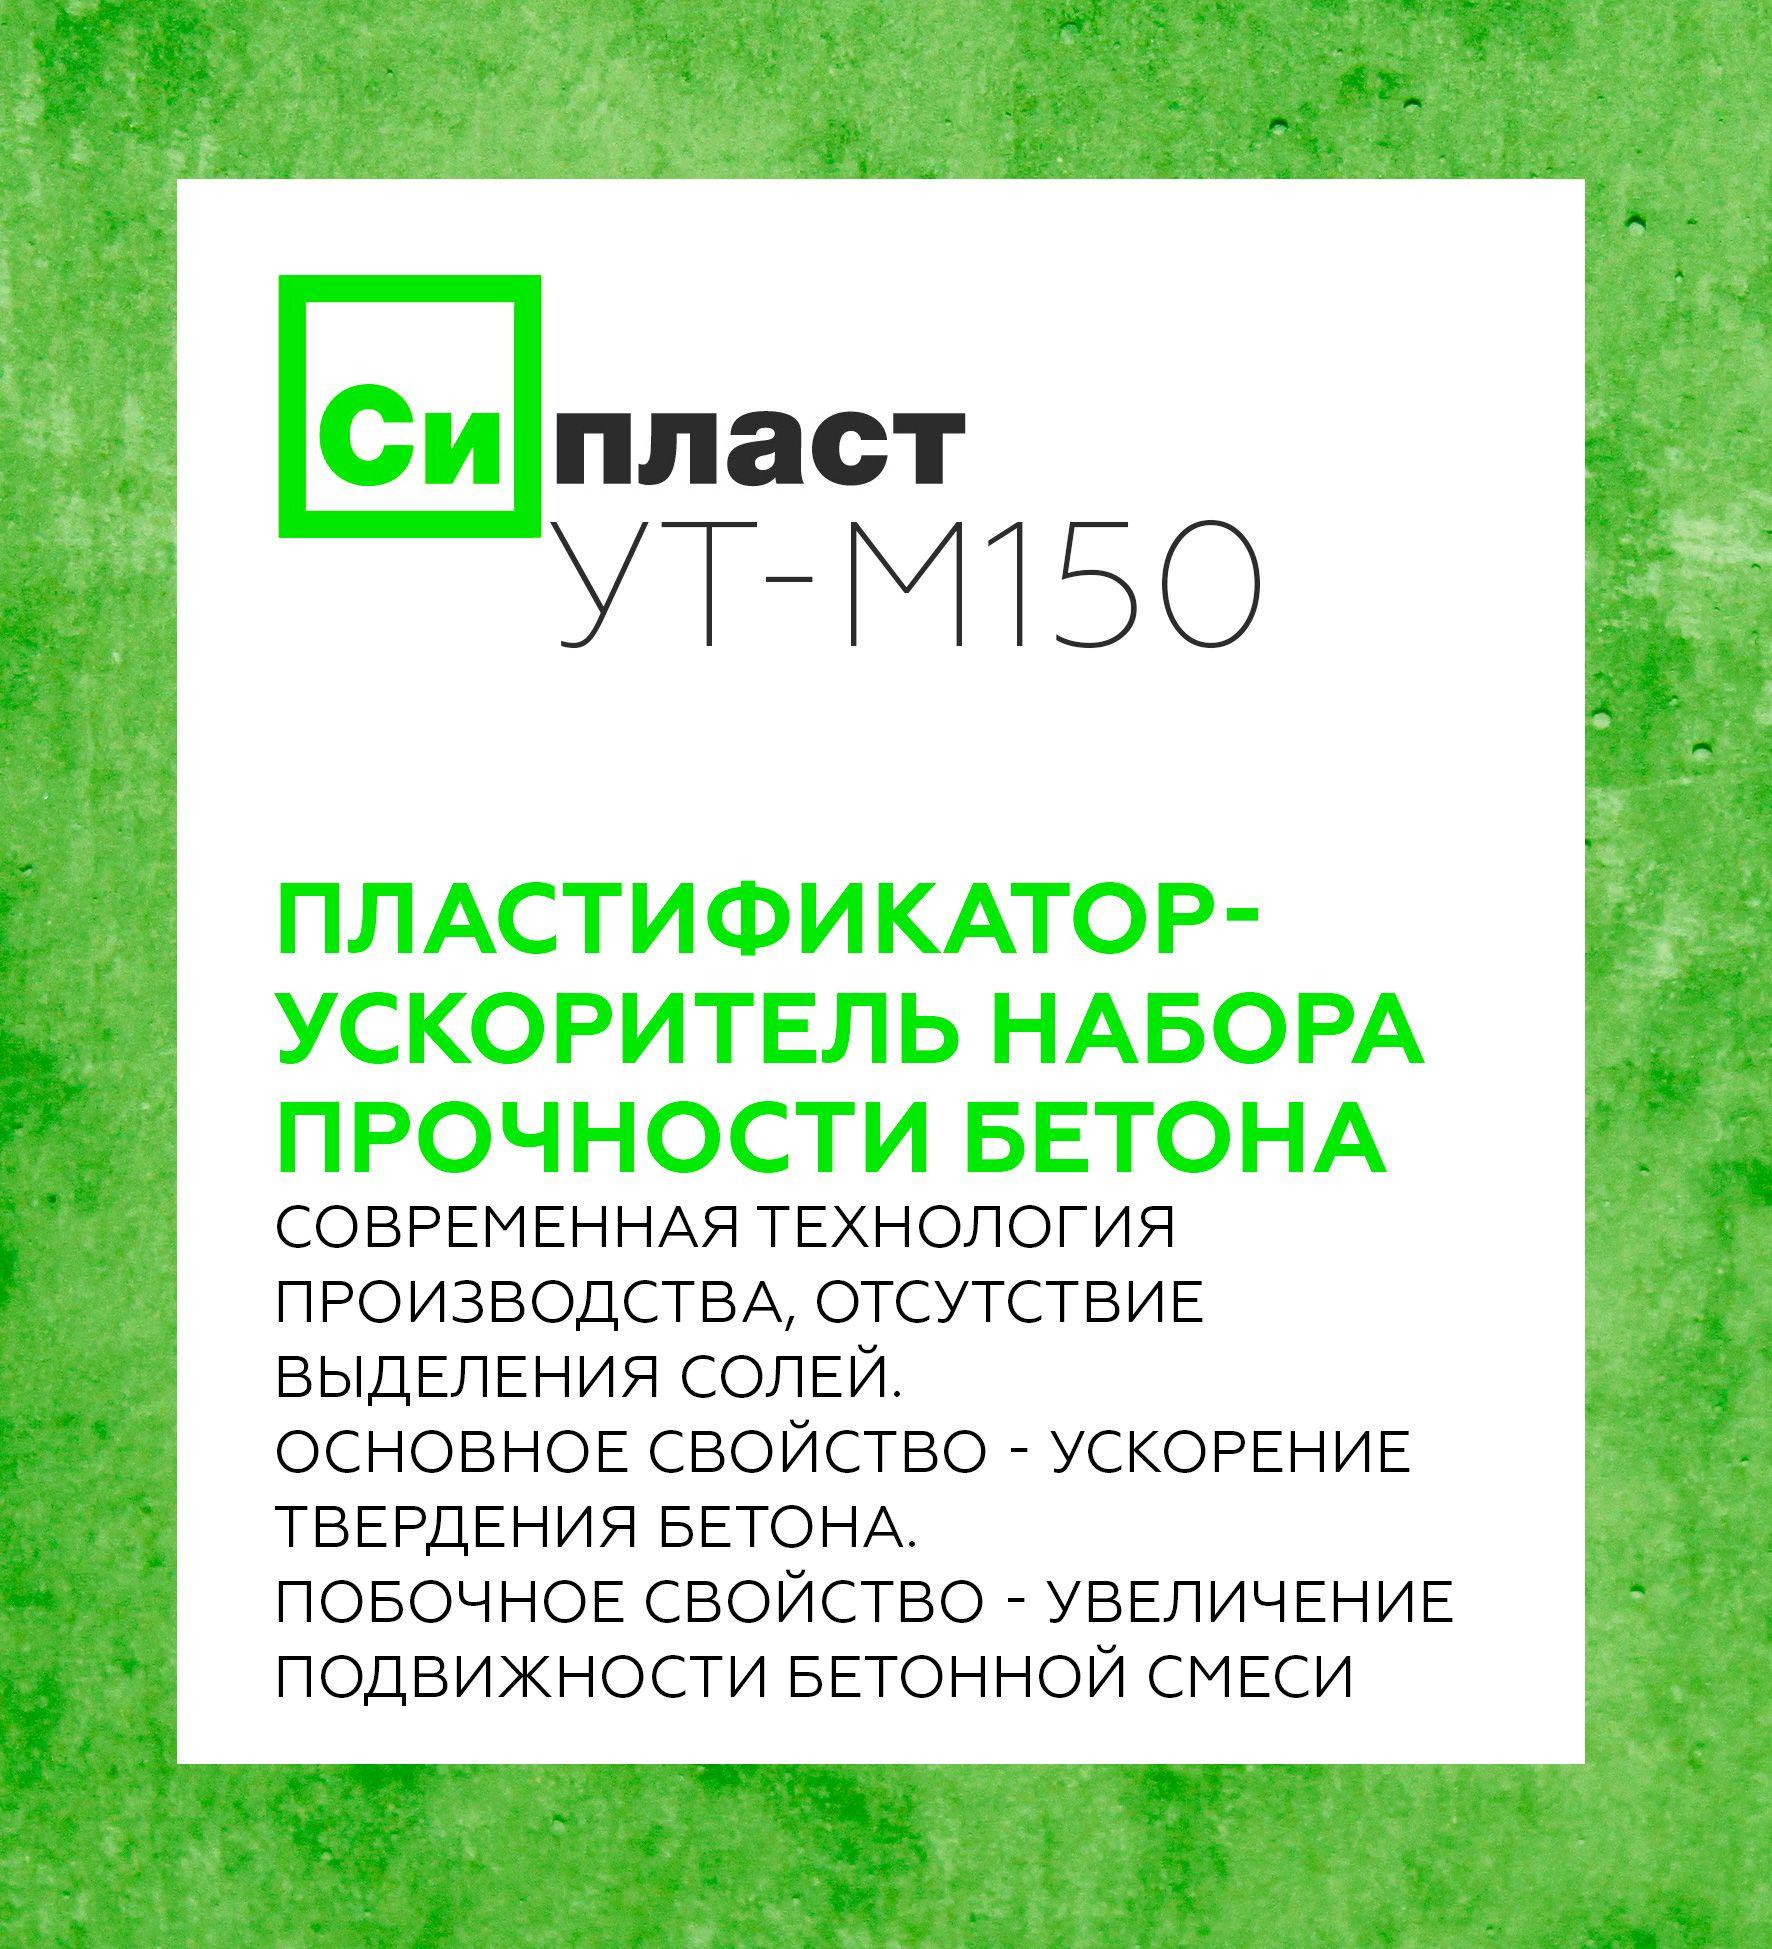 Создание этикеток  - дизайнер TanOK1